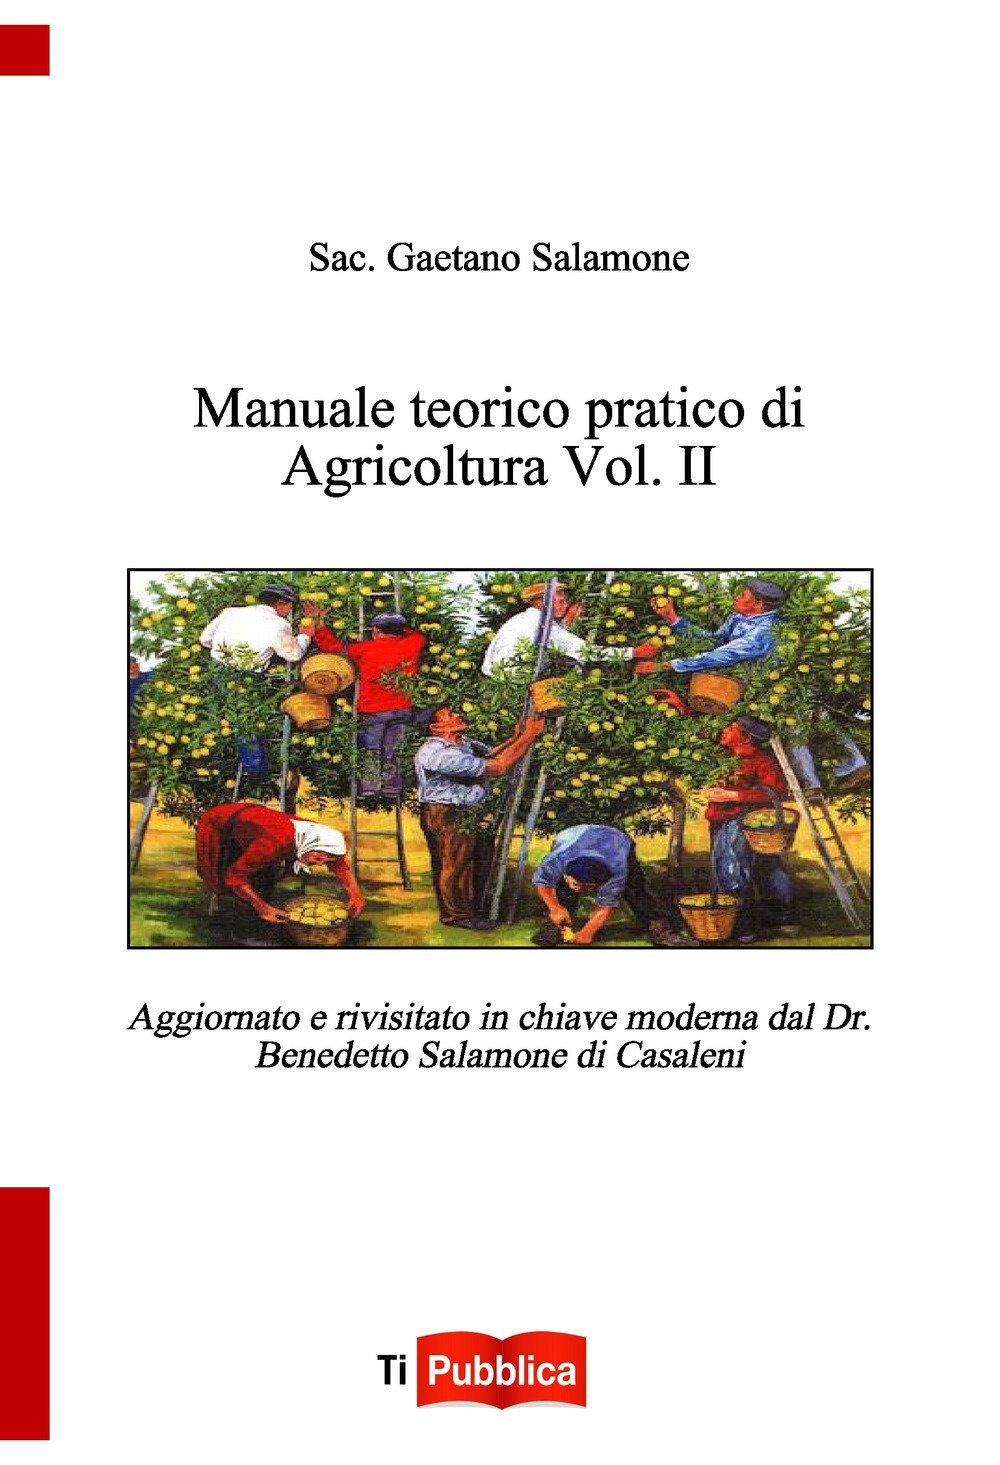 Manuale teorico pratico di agricoltura. Vol. 2